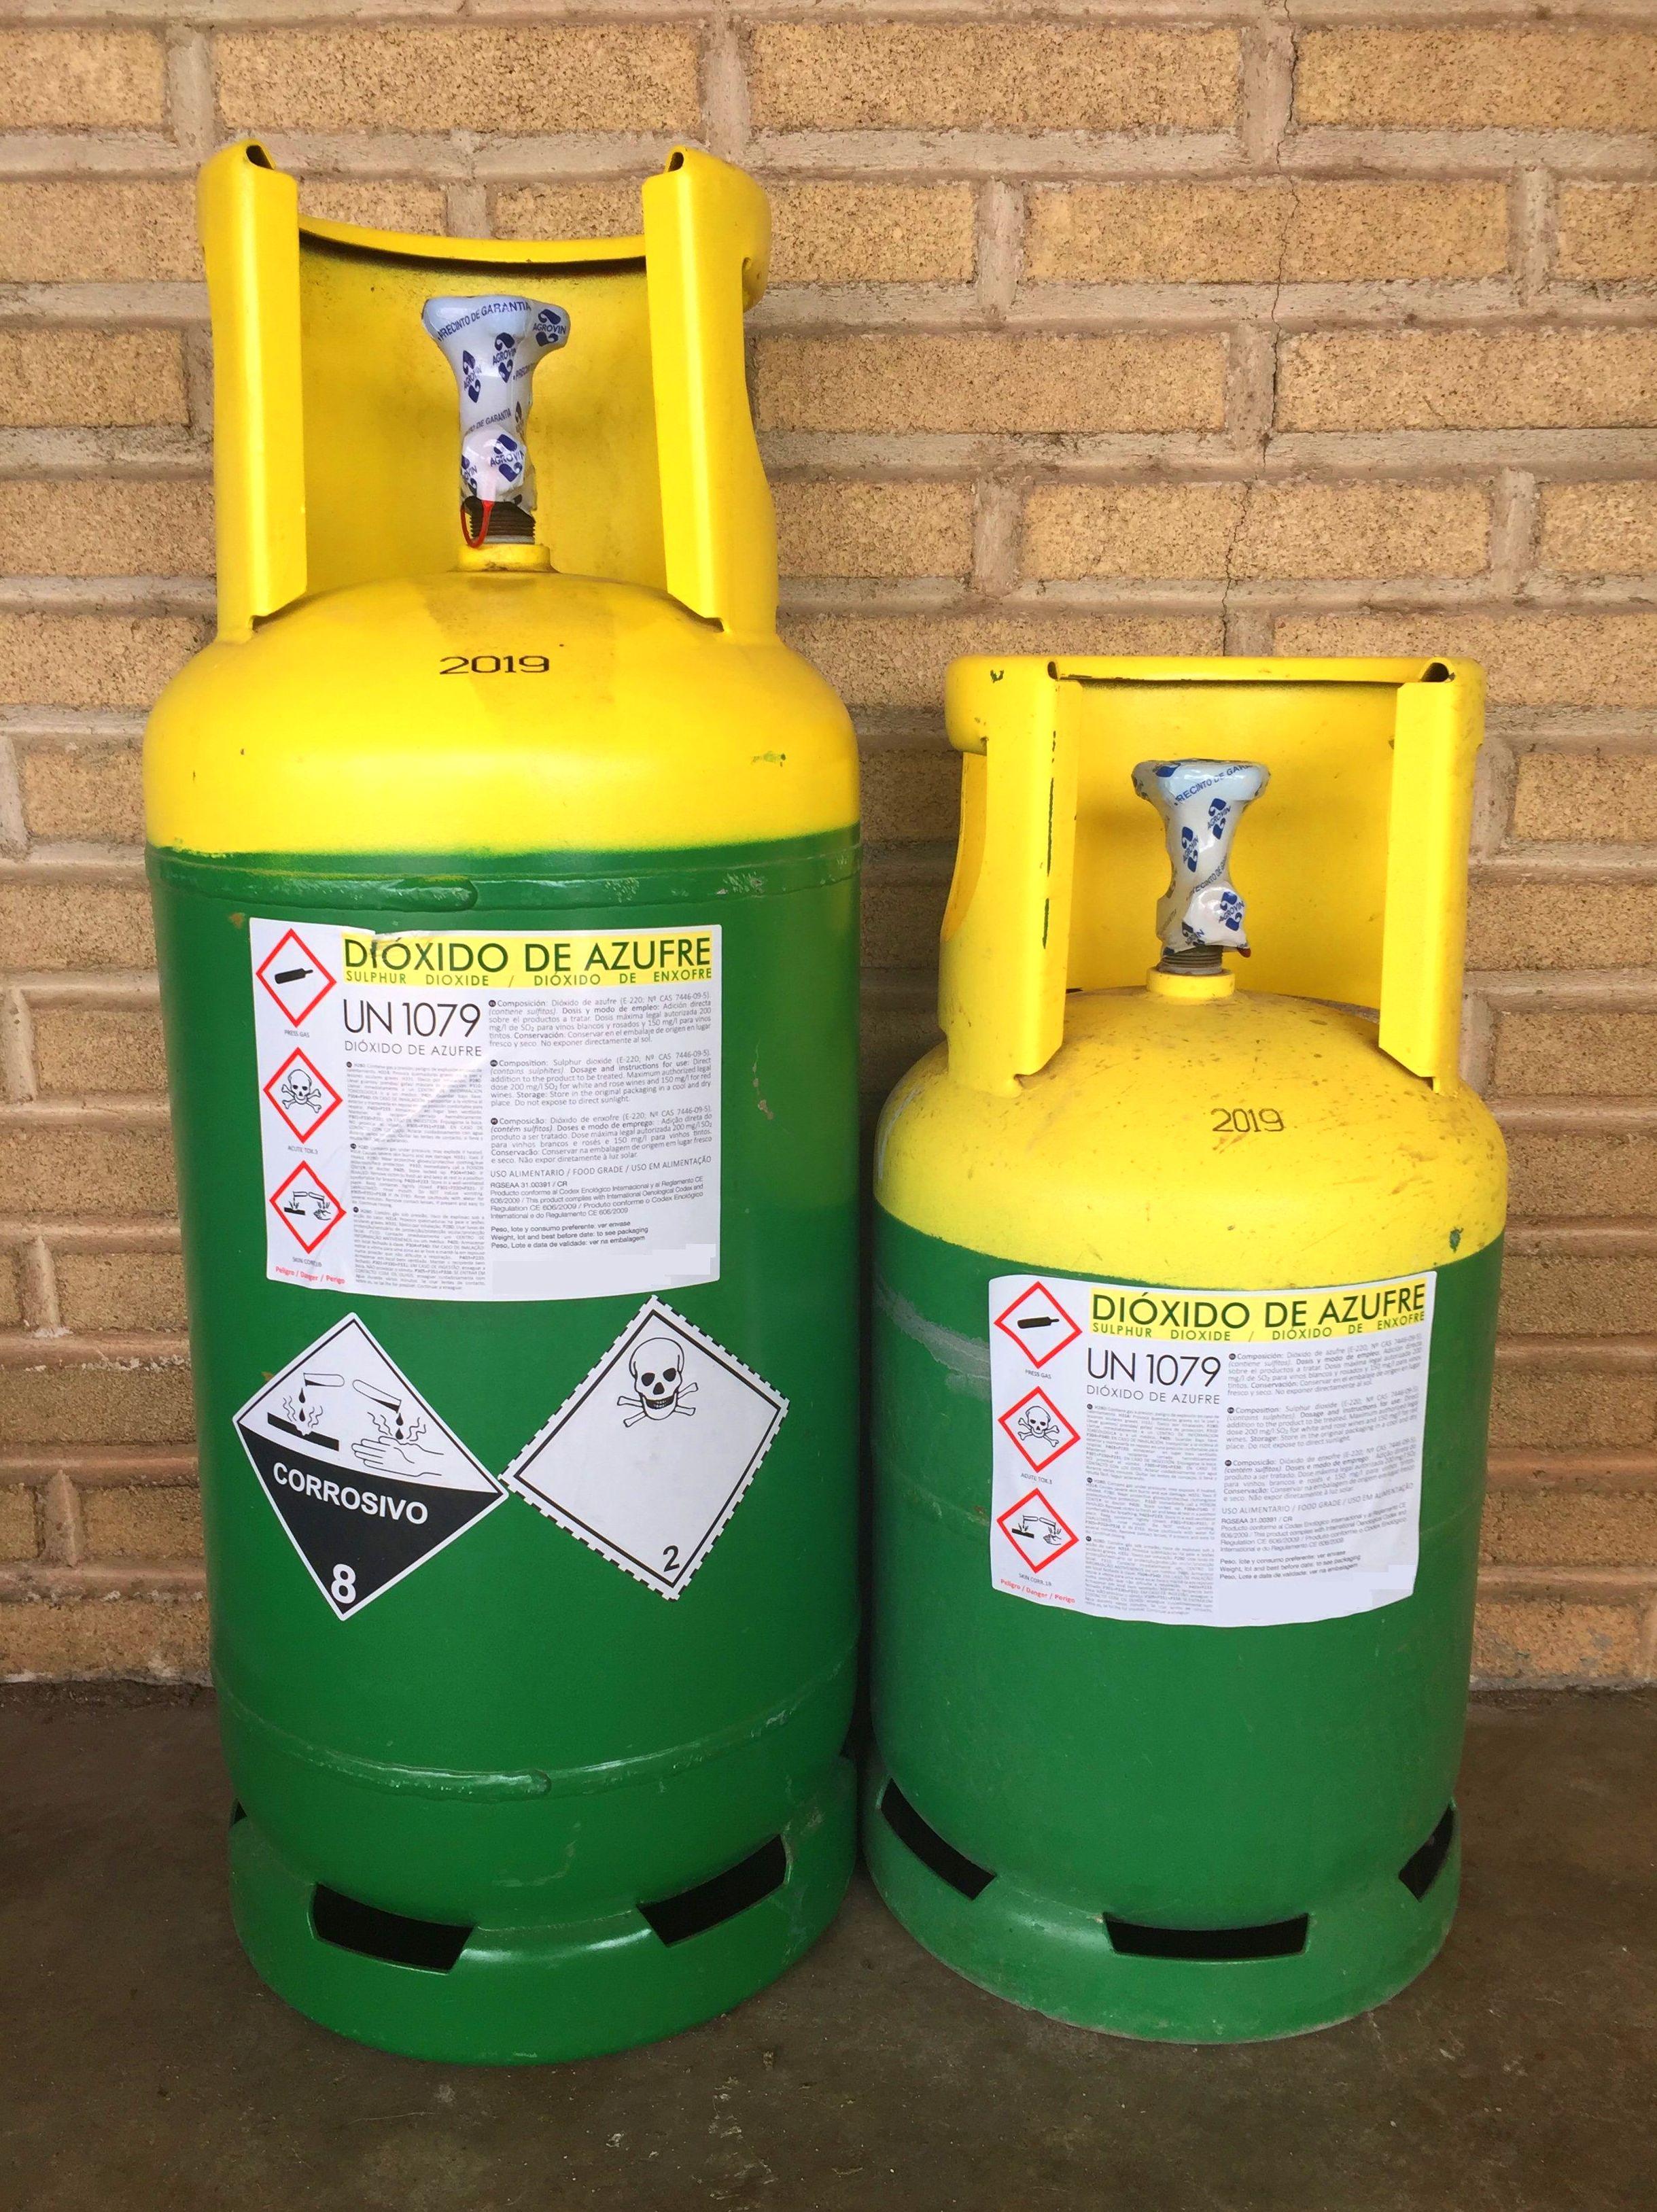 Foto 17 de Venta y distribución de gases industriales y alimentarios en San Ginés | Disgasin, S.L.